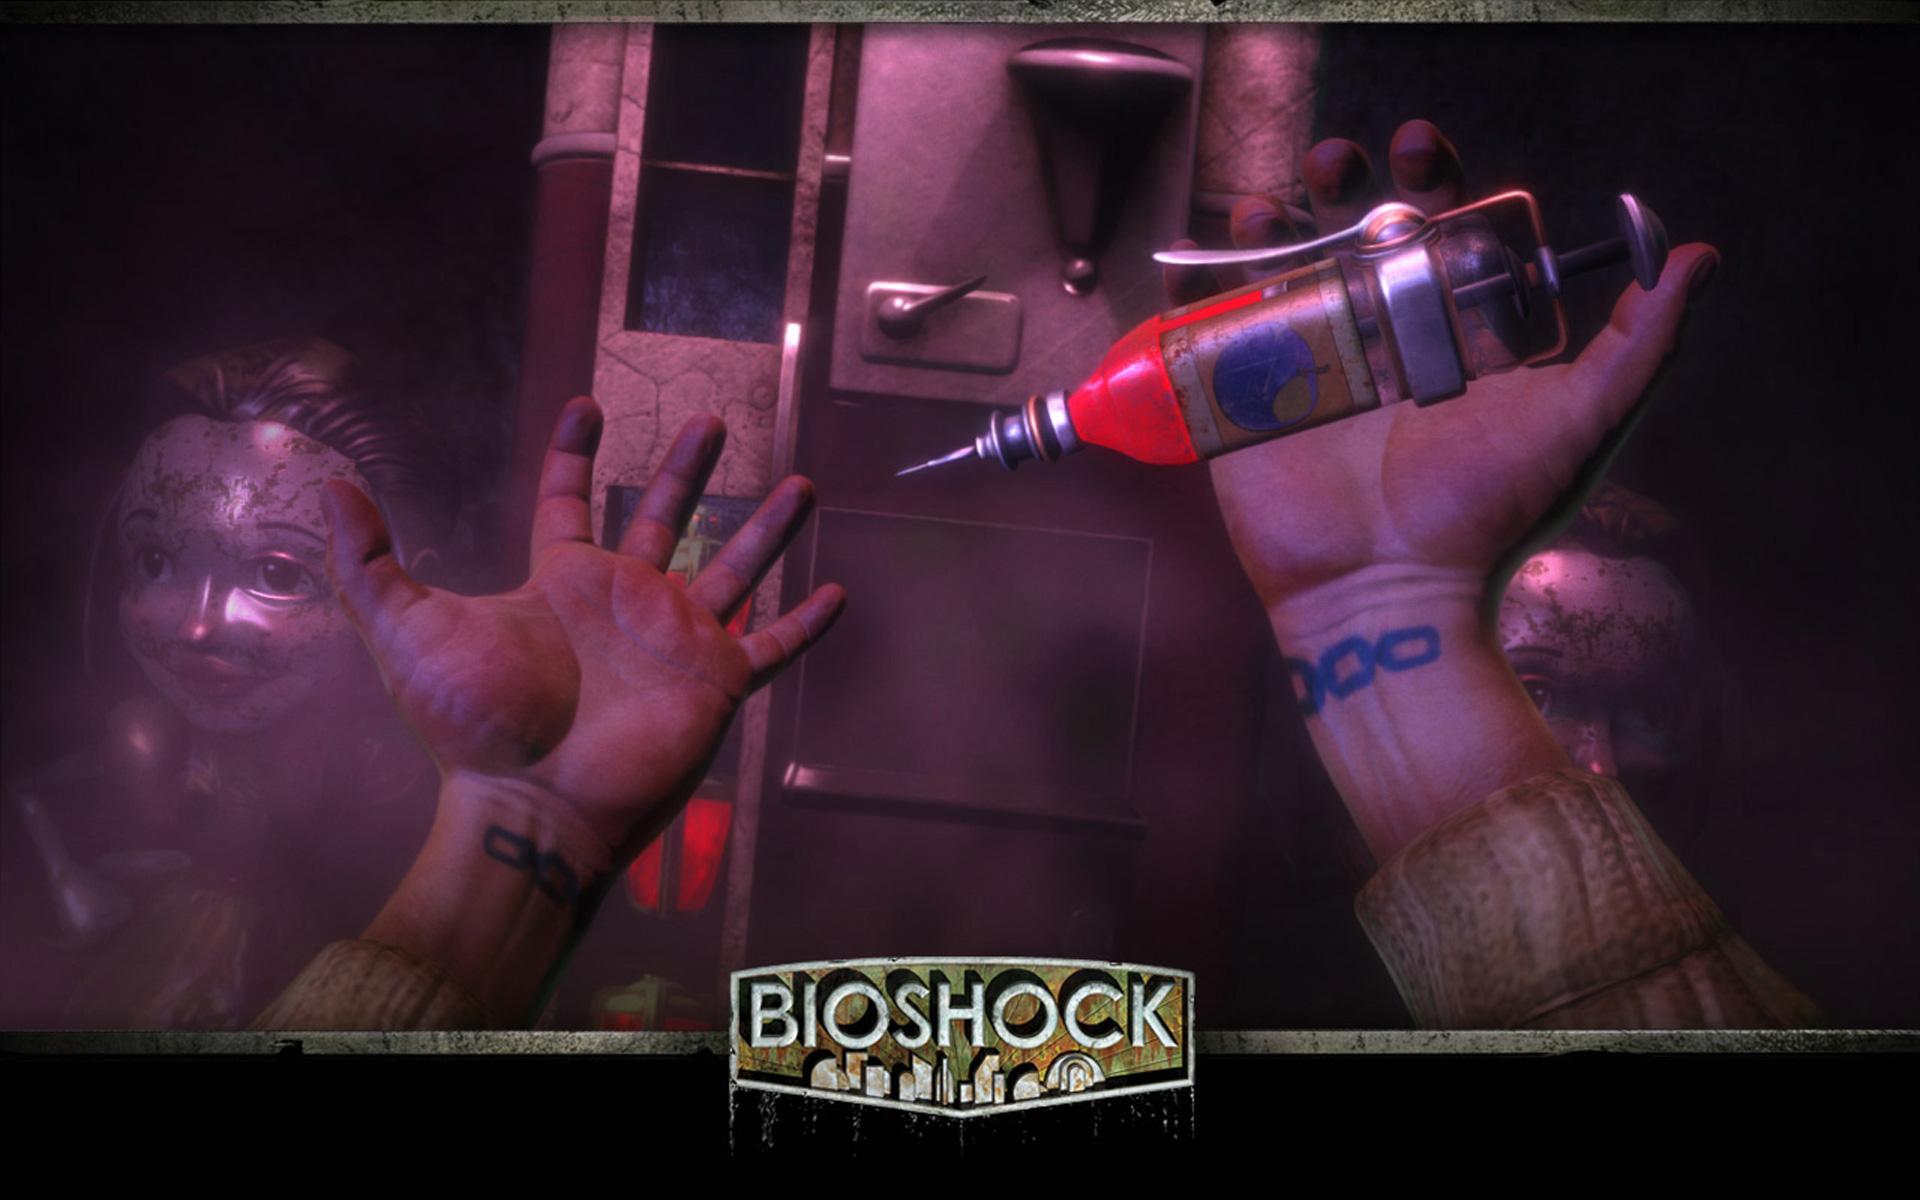 Free Bioshock Wallpaper in 1920x1200